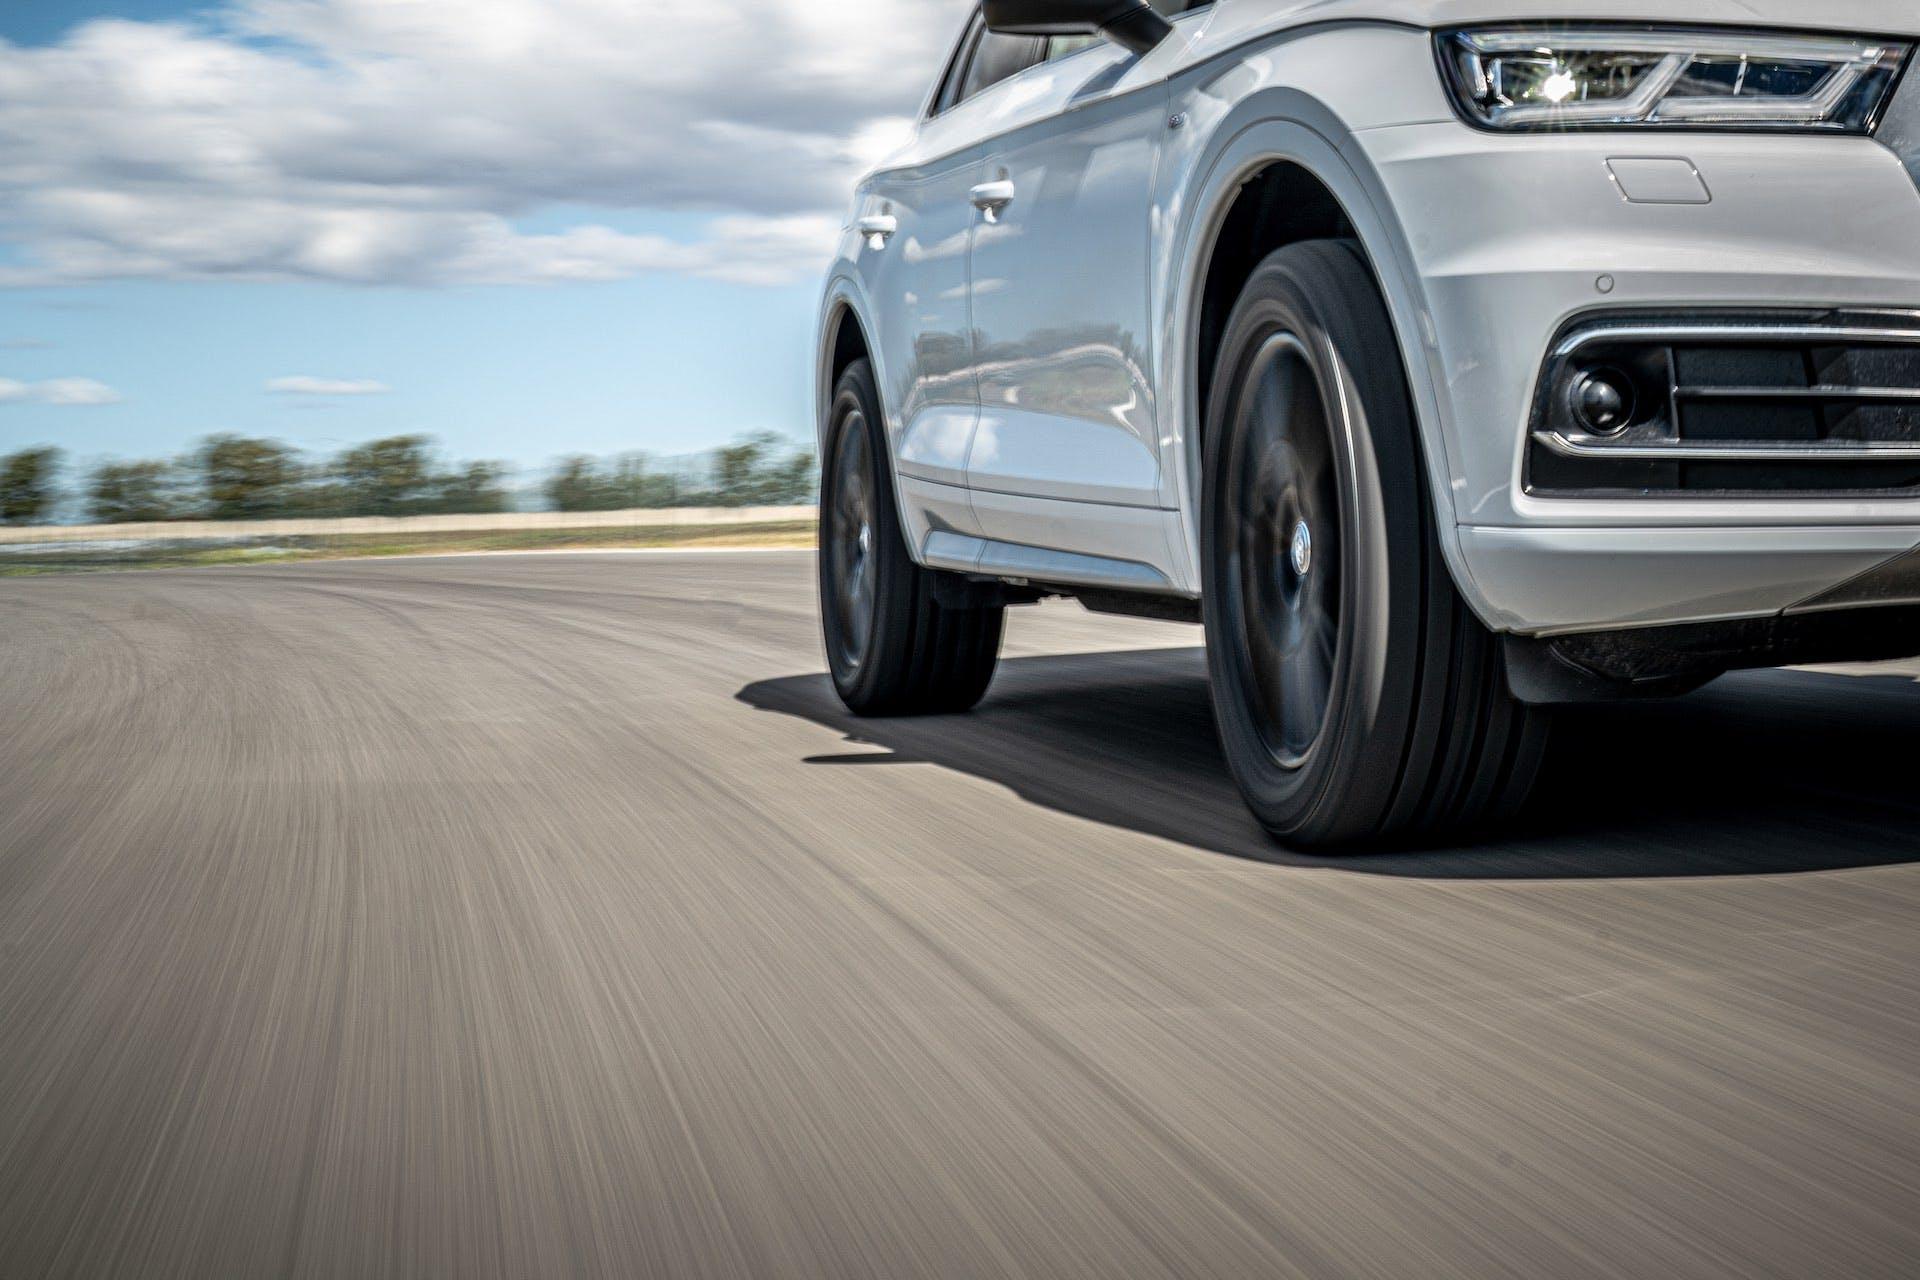 Pneumatici Bridgestone Potenza Sport - dinamica